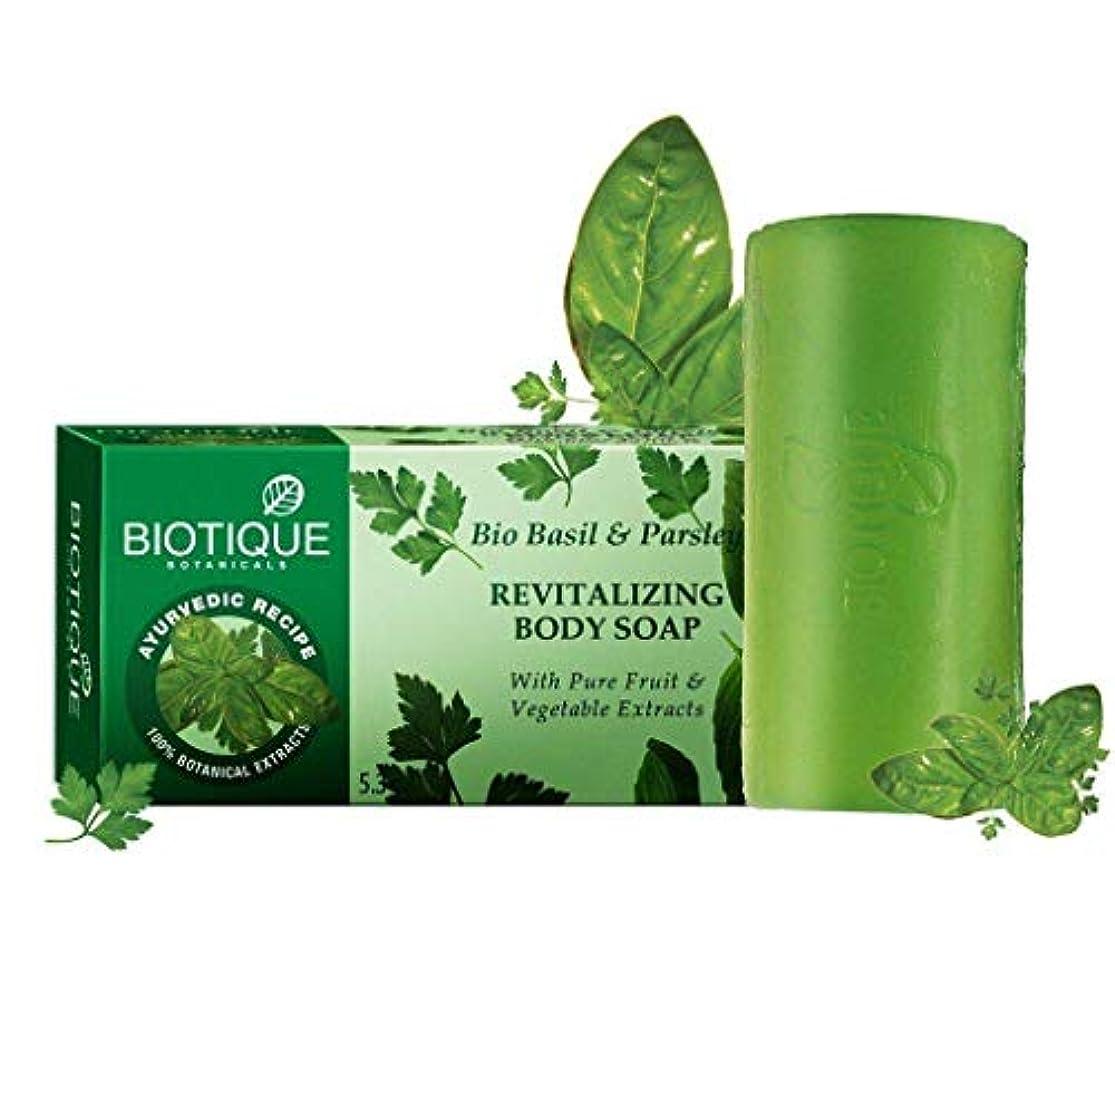 路面電車弓無関心Biotique Bio Basil And Parsley Revitalizing Body Soap 150g (Pack of 2) Biotiqueバイオバジルとパセリの活性化ボディソープ